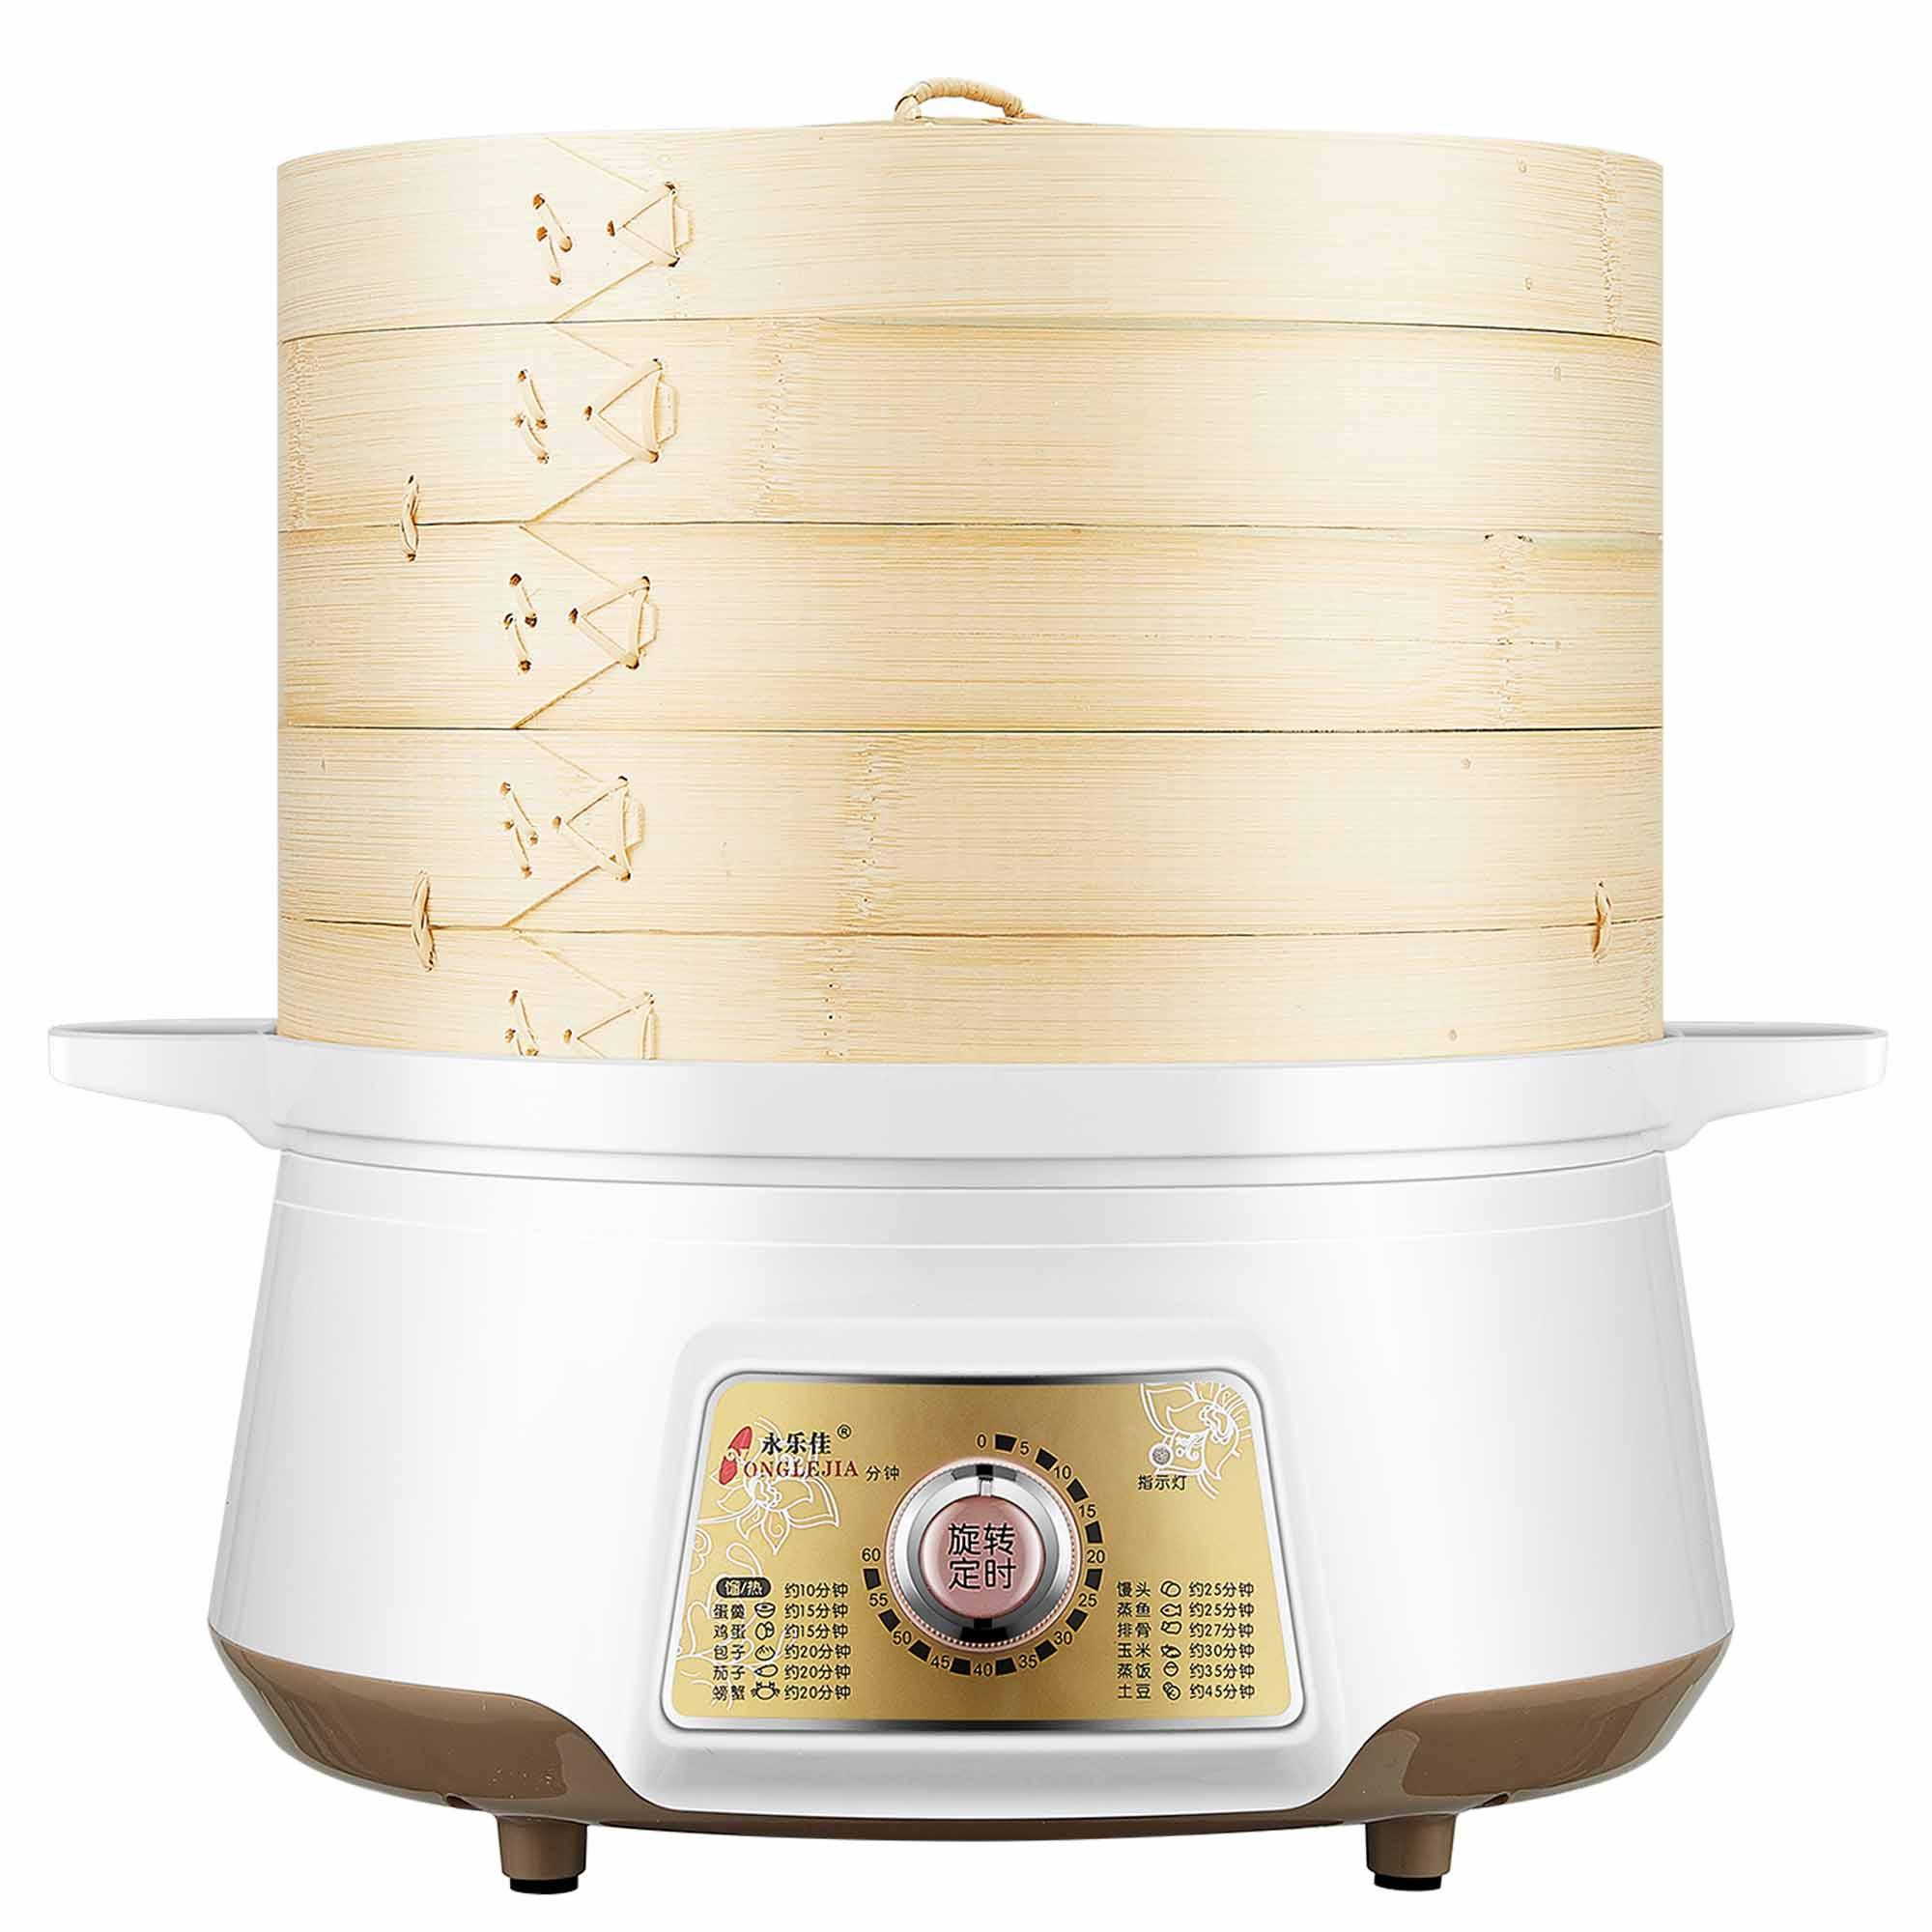 竹蒸籠電蒸籠電蒸鍋